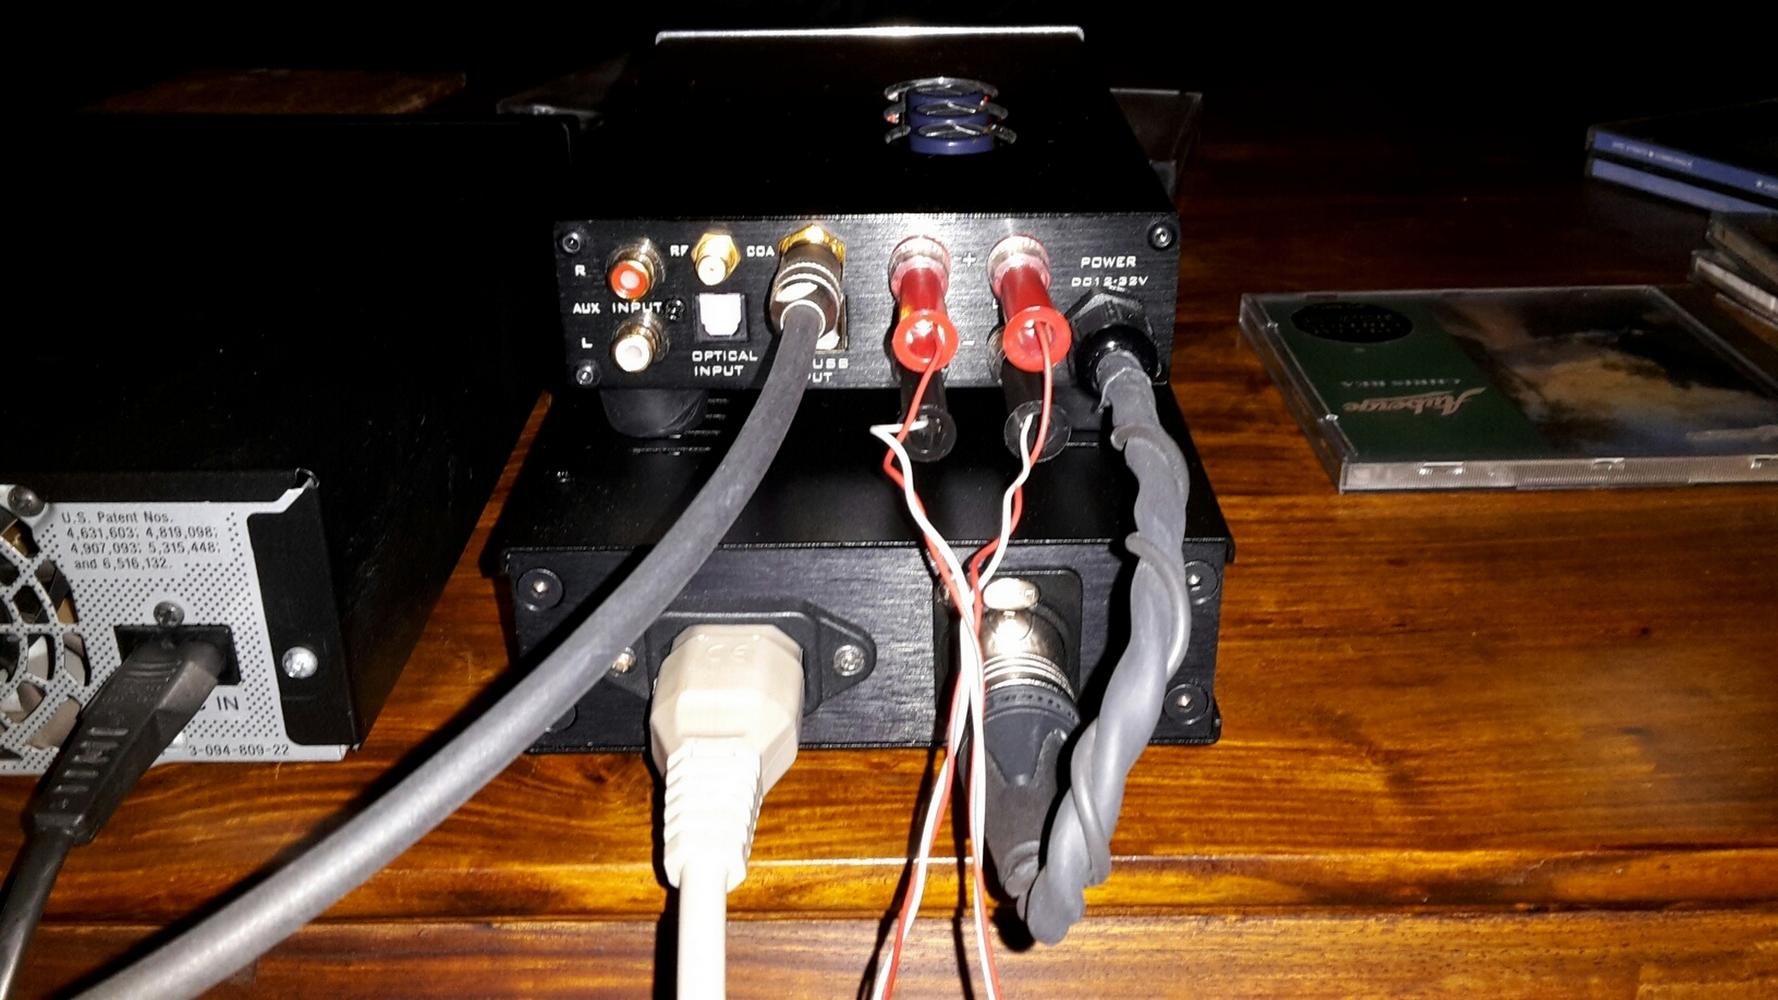 Amplificateurs FDA - Page 485» - 30063064 - sur le forum